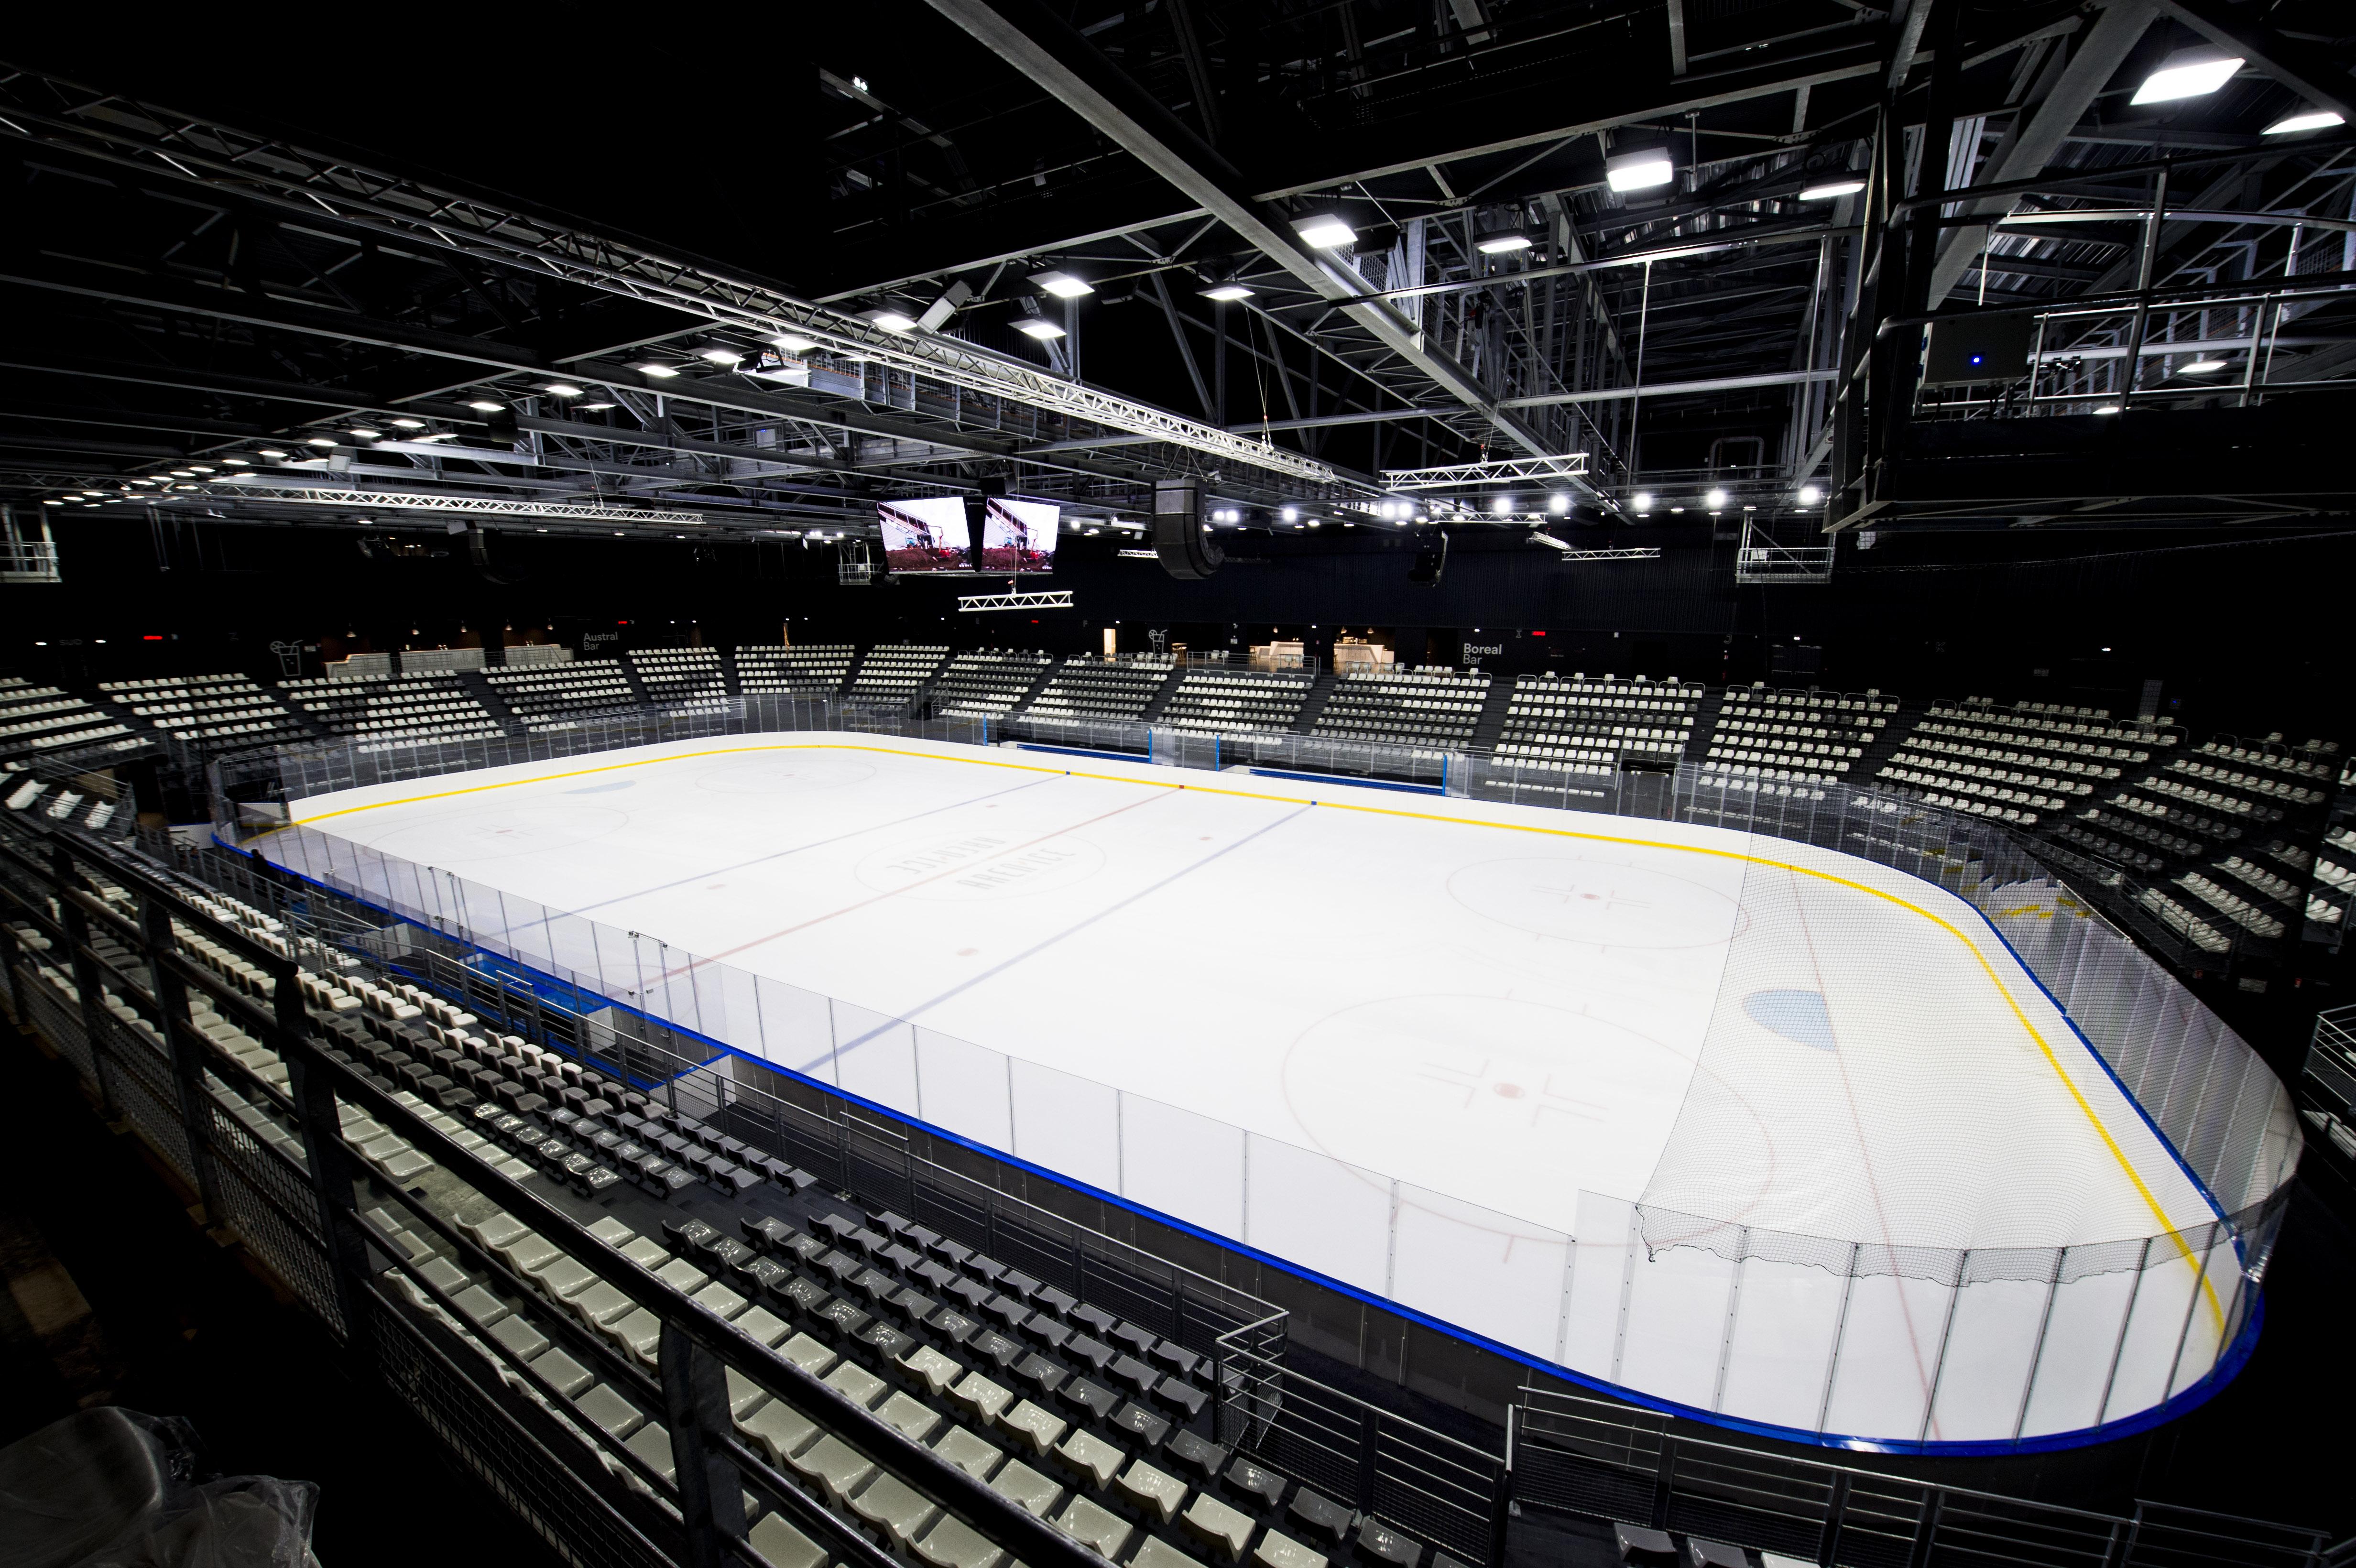 Sports d'hiver - DIRECT - A la découverte du Clairefontaine du hockey